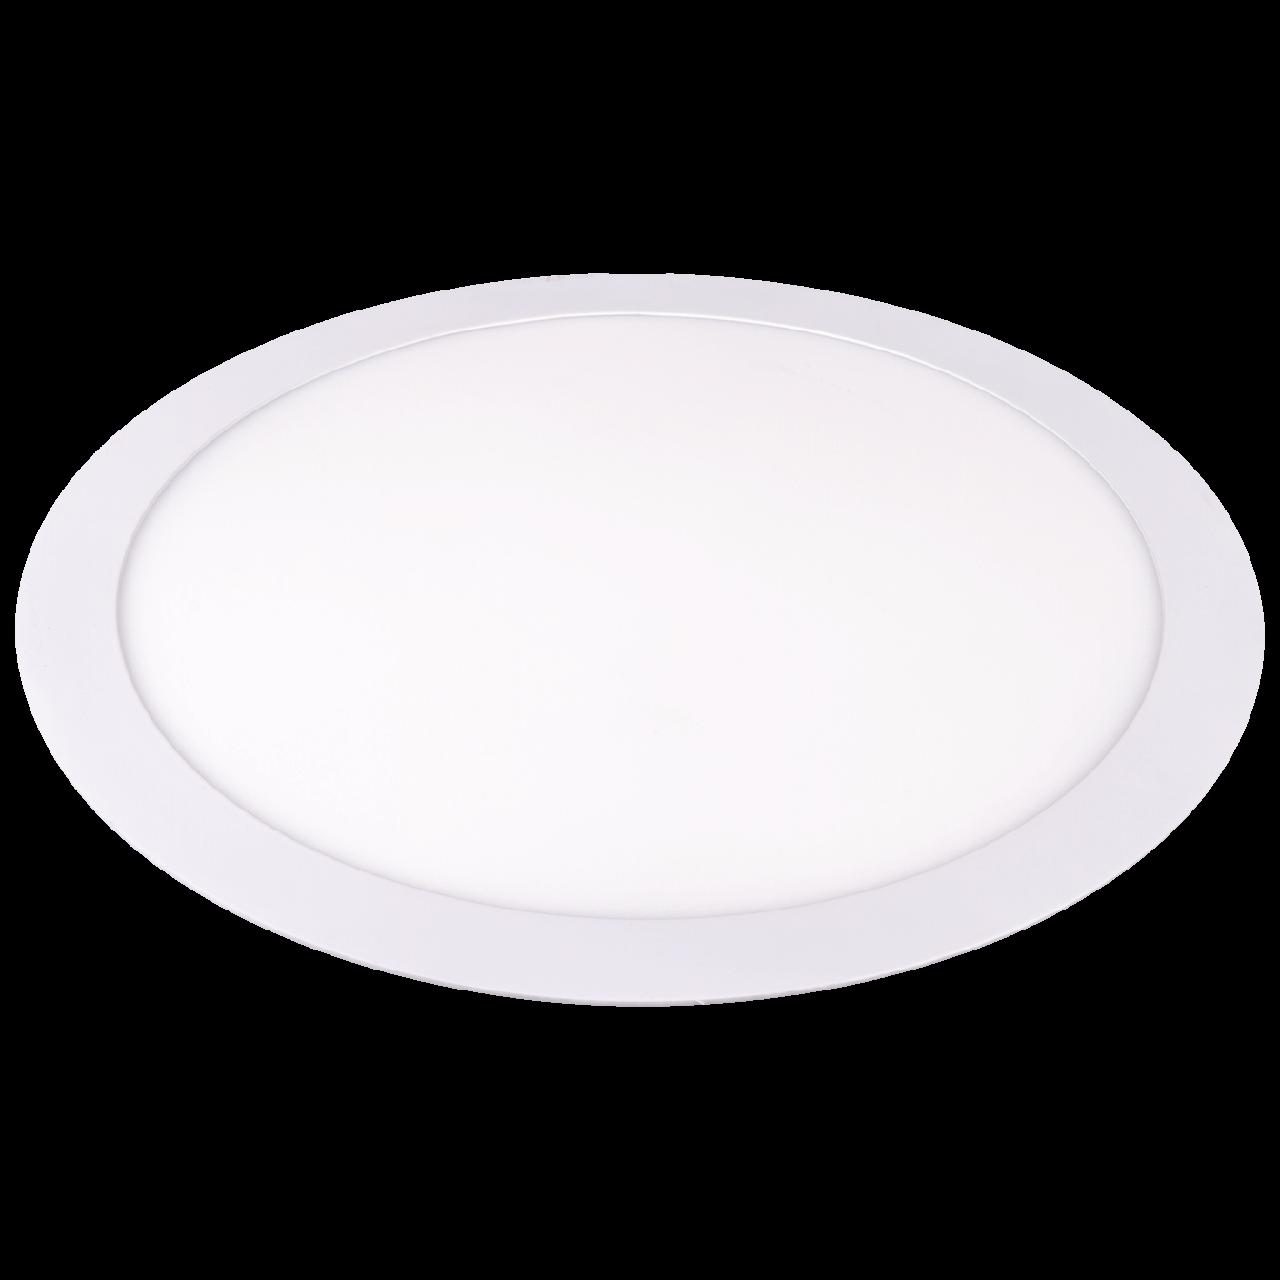 Світлодіодний вбудований світильник Ilumia 24Вт, 295мм, 4000К (нейтральний білий), 1900Лм (030)